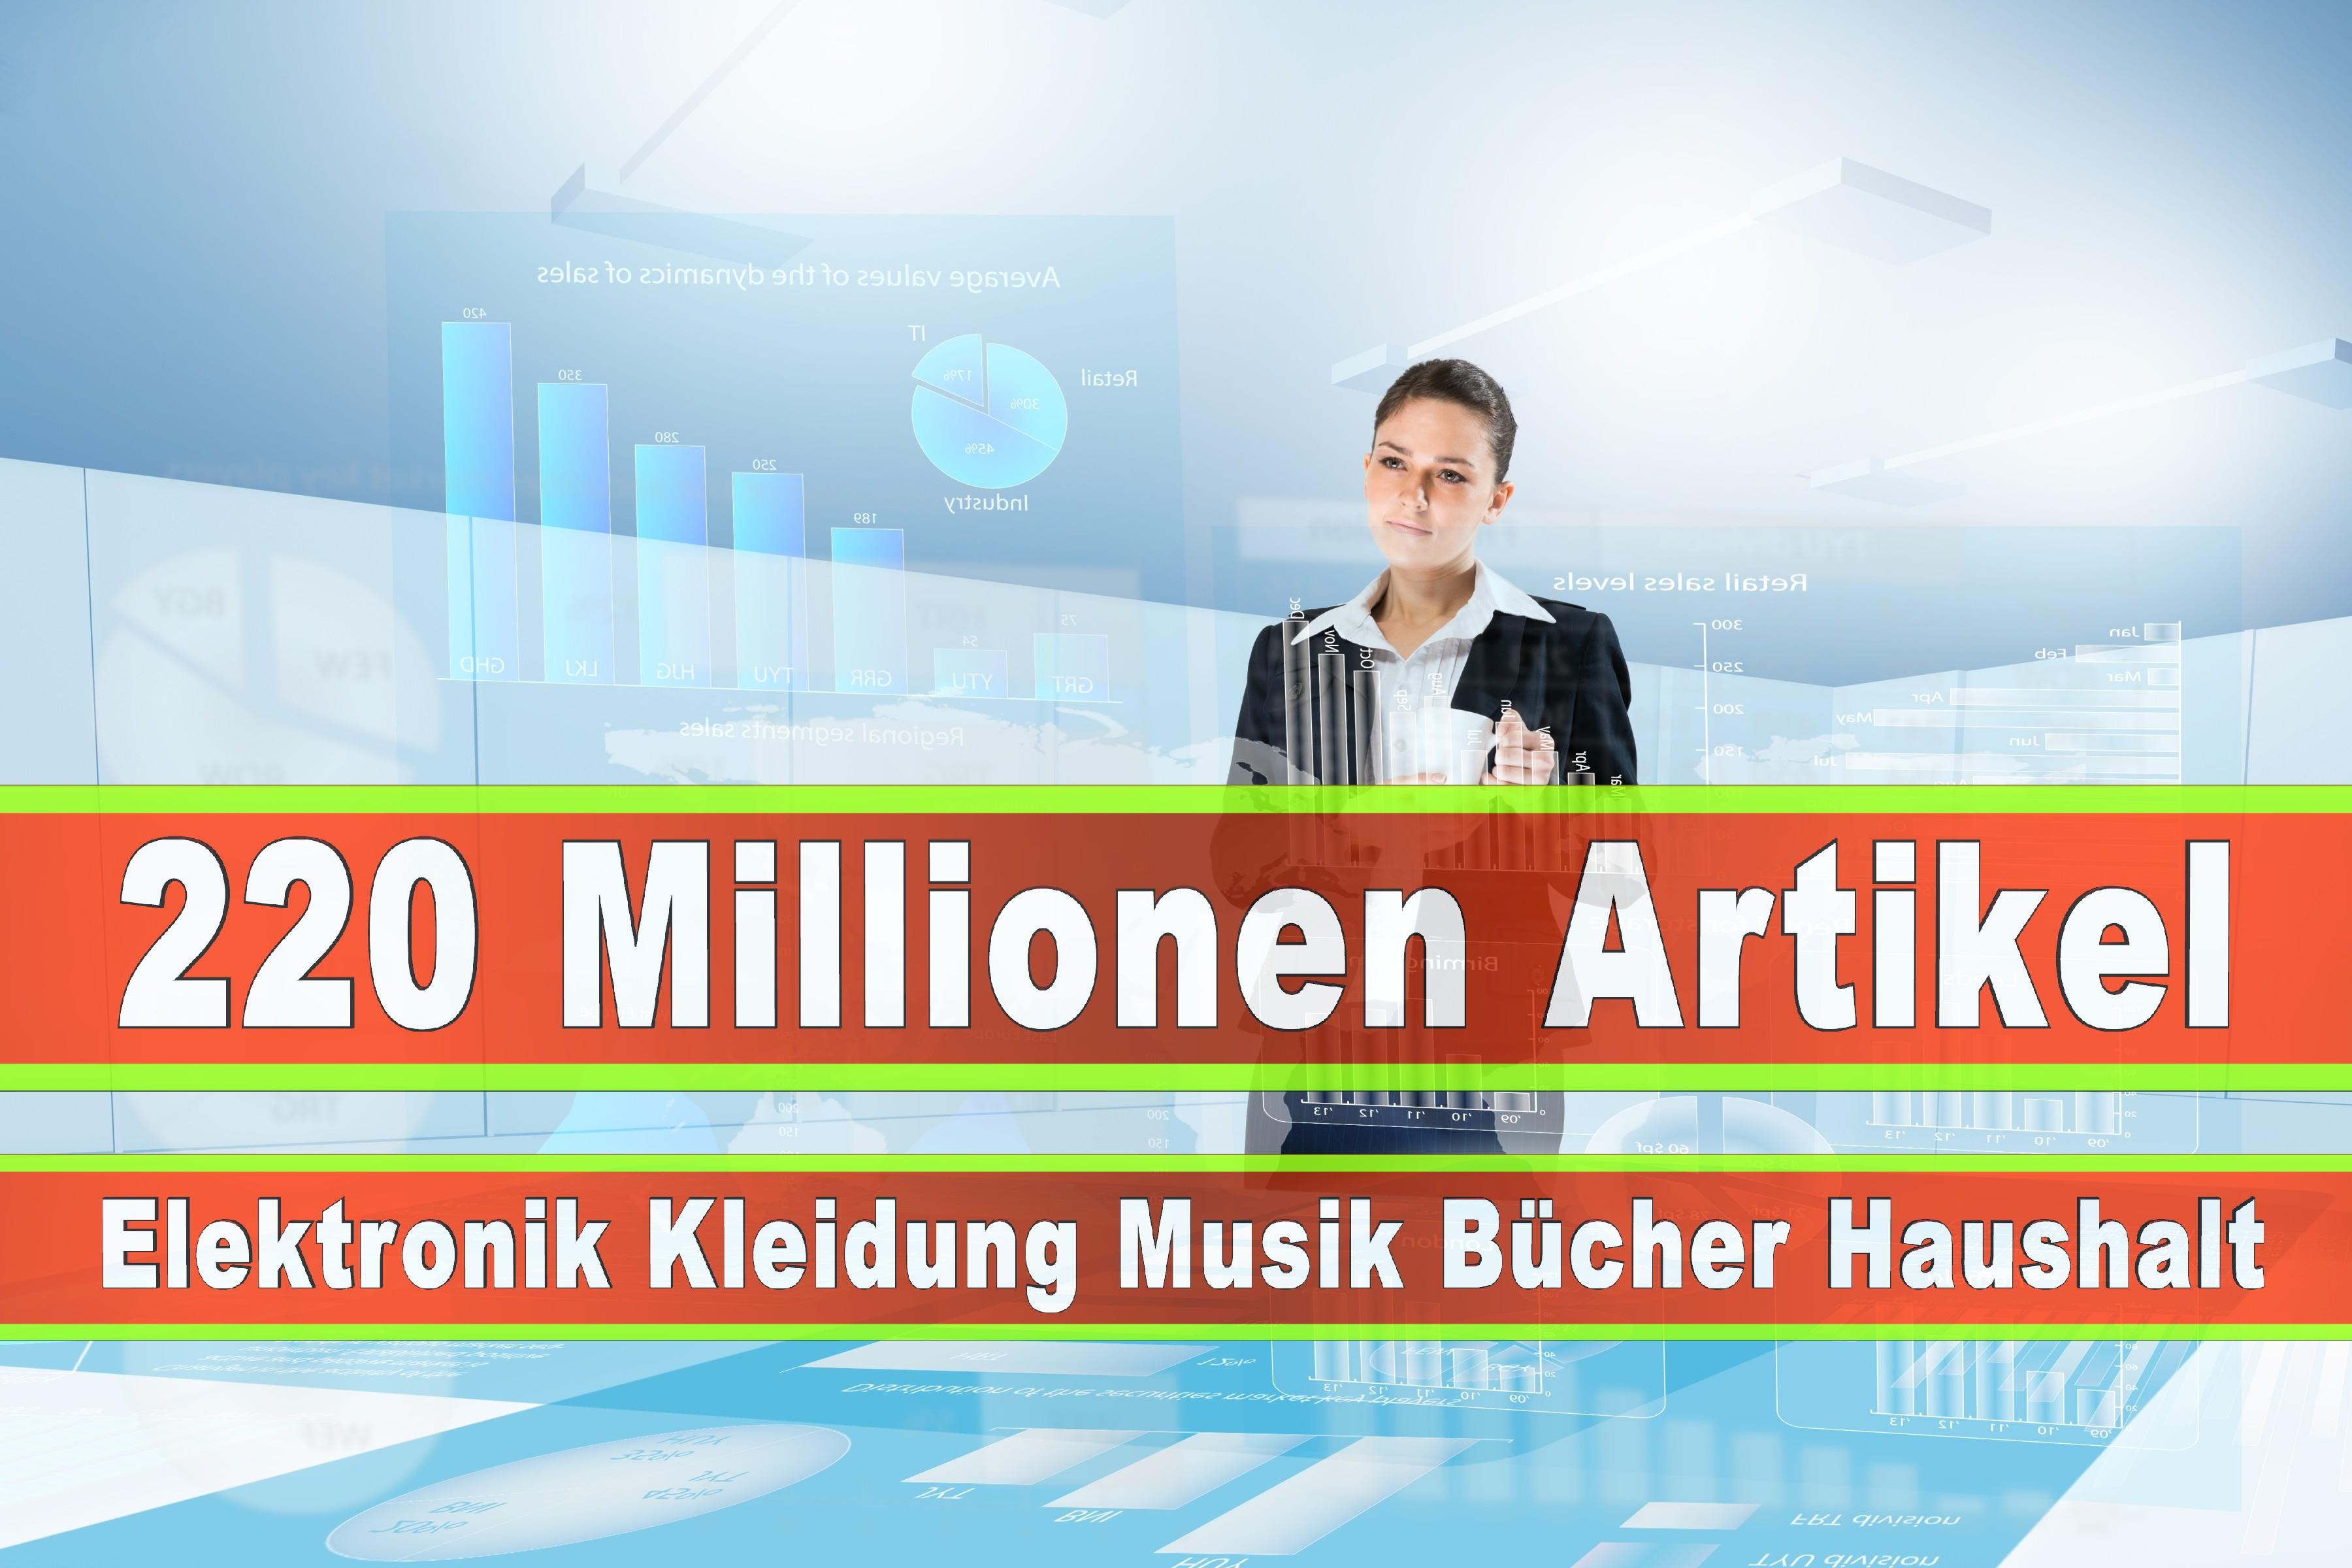 Amazon Elektronik Musik Haushalt Bücher CD DVD Handys Smartphones TV Television Fernseher Kleidung Mode Ebay Versandhaus (29)